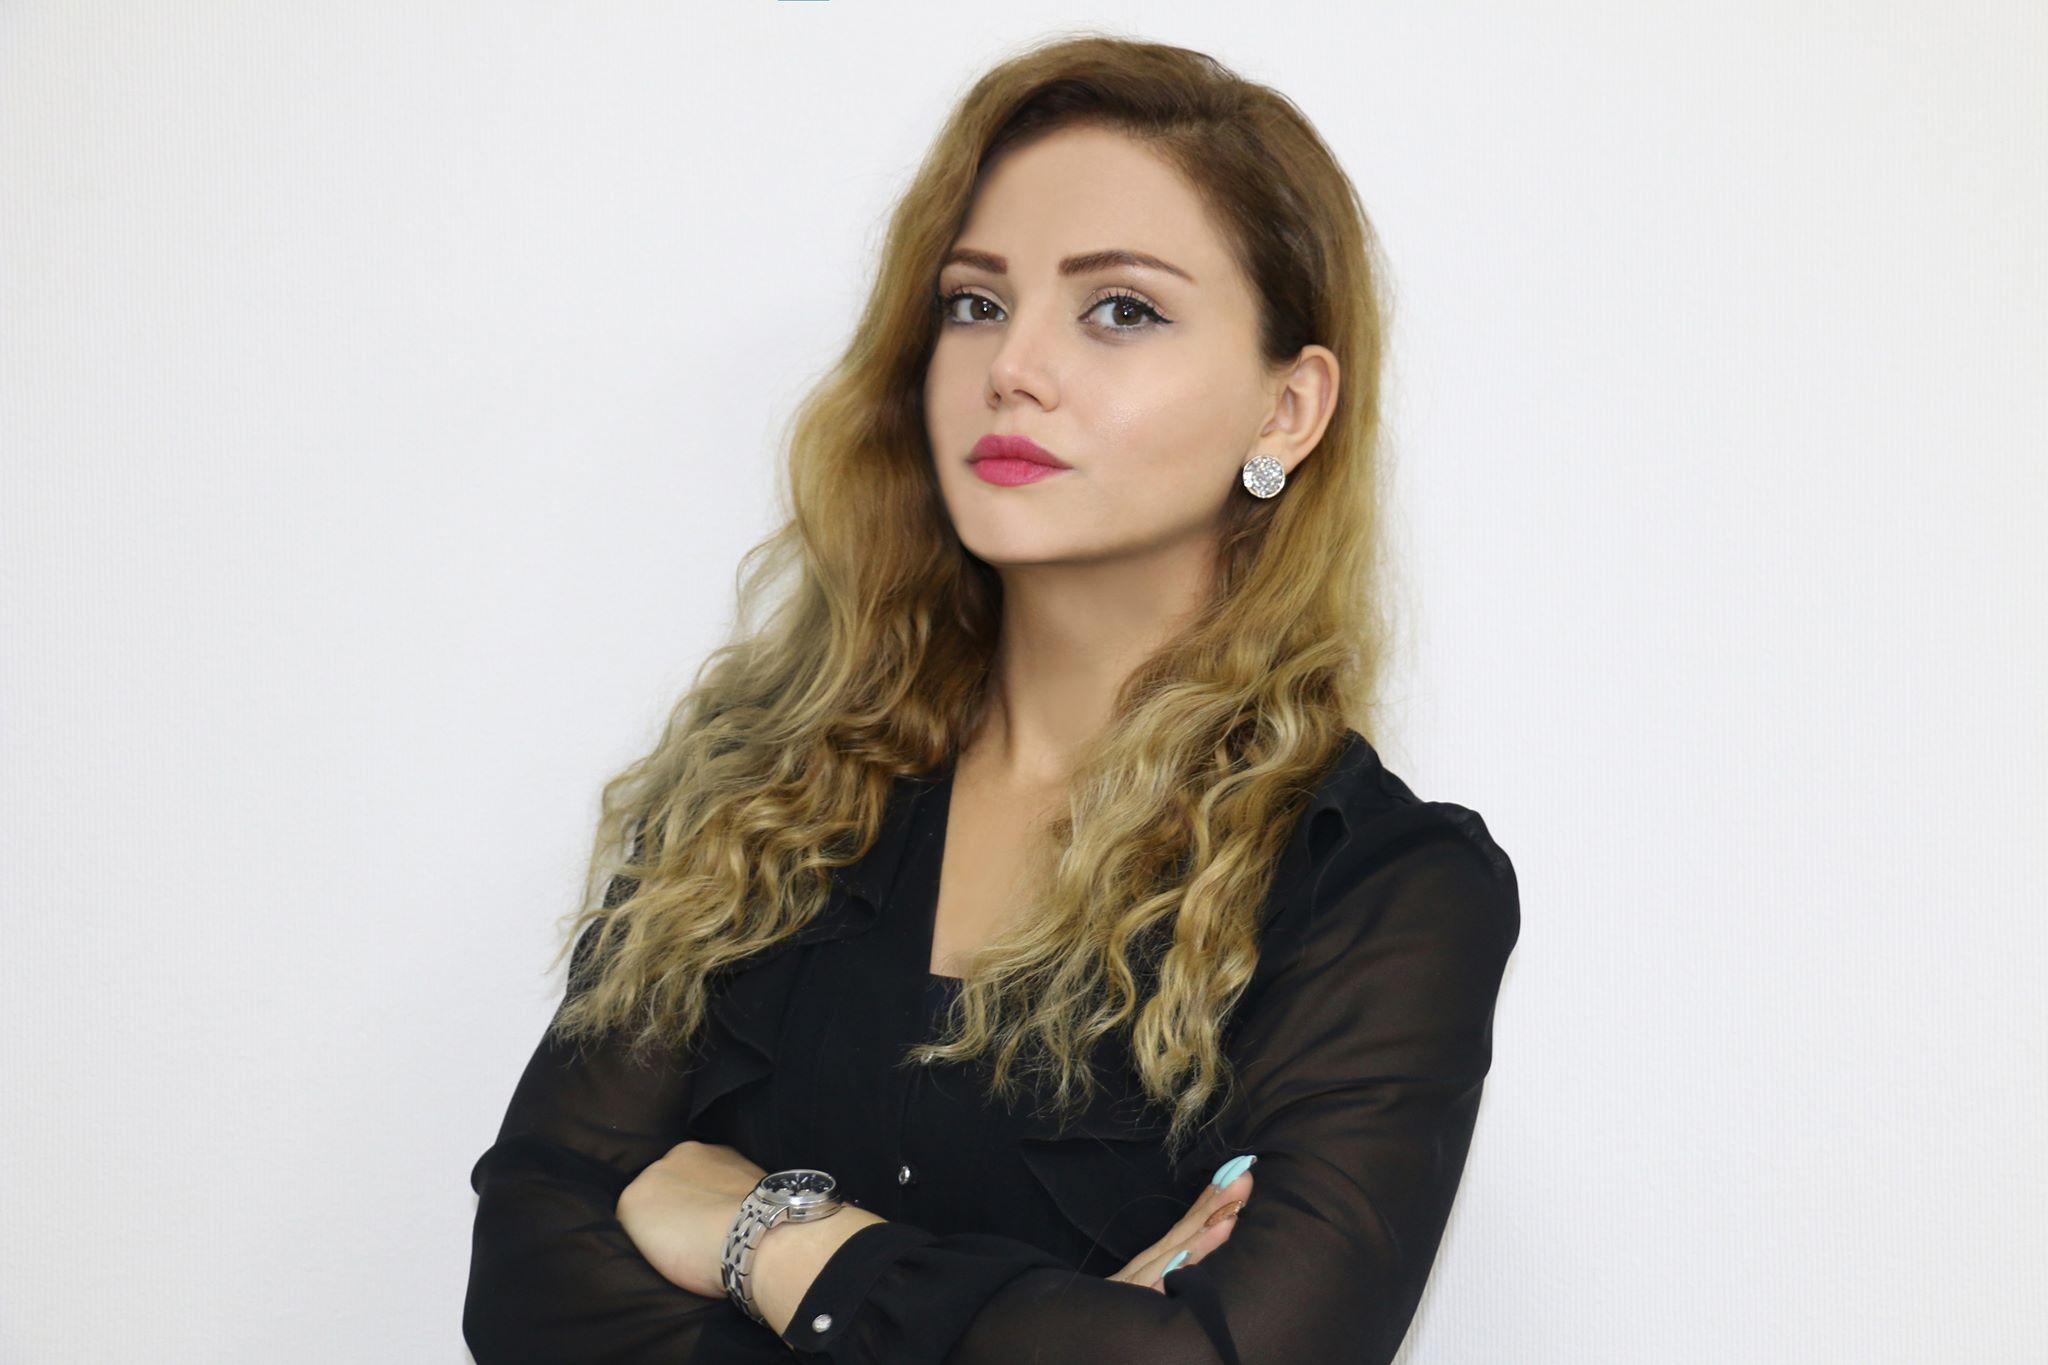 İcbari tibbi sığorta nədir və əhəmiyyəti nədən ibarətdir?